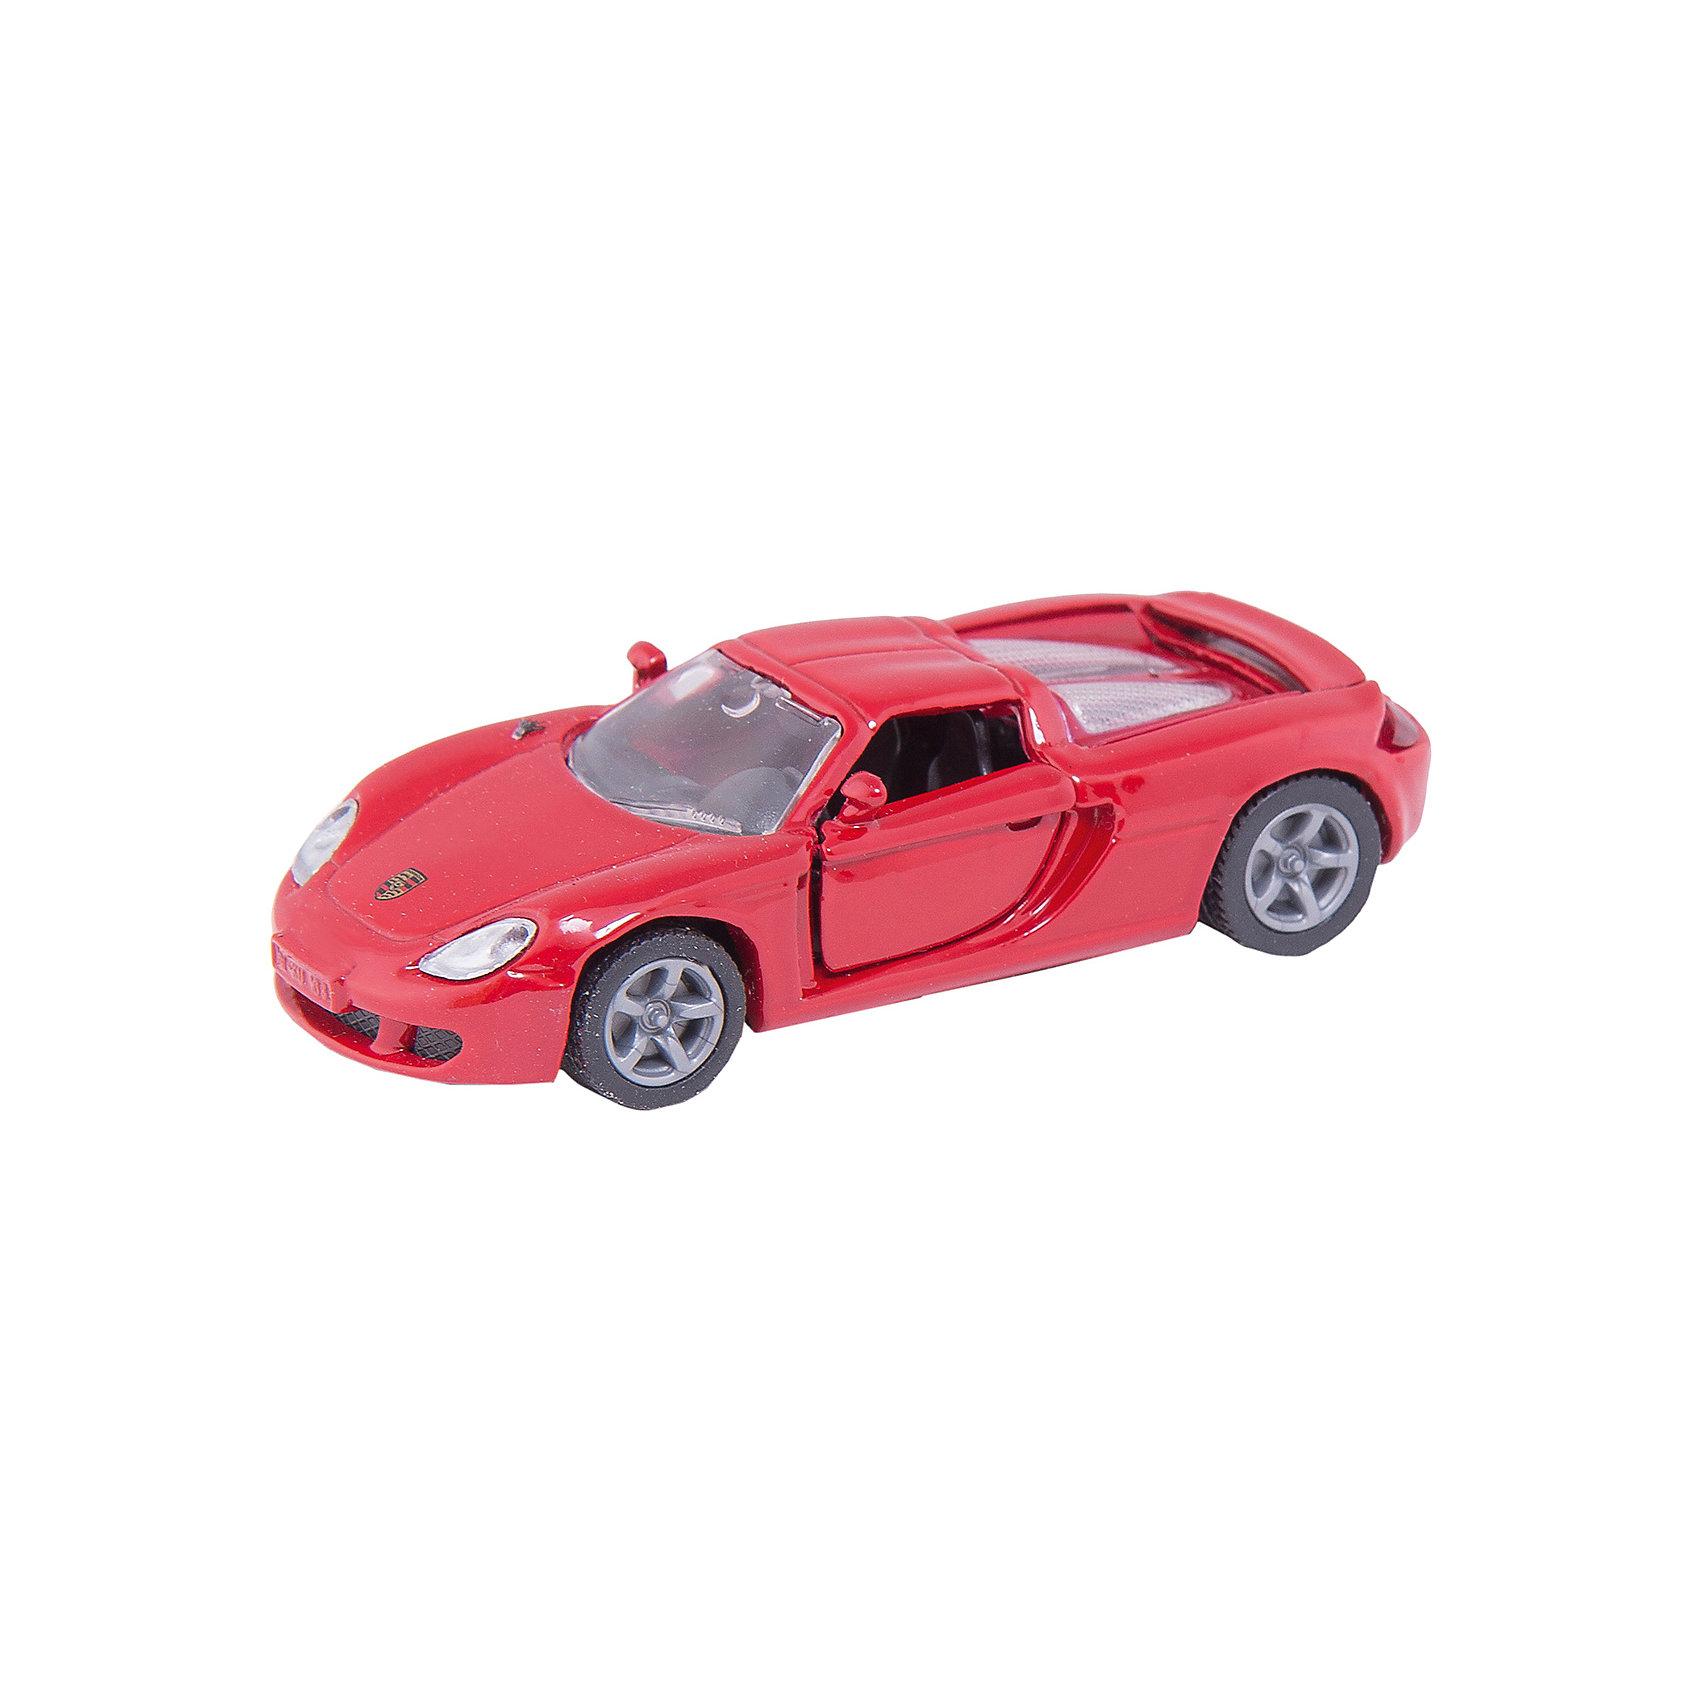 SIKU 1001 Porsche Carrera GTМашинки<br>Модель Porsche Carrera GT фирмы Siku; <br>-отлита из цинка, с пластмассовыми деталями<br>- реалистичный дизайн<br>- обладает множеством подвижных функциональных деталей – разнообразные варианты игры гарантированы<br><br>Игрушечные модели SIKU уже более 50 лет отличаются высоким качеством и безопасностью. Они имеют сертификаты T?V и GS, изготавливаются в соответствии с актуальными предписаниями по безопасности и отмечены знаком SPIEL GUT. <br><br>Игрушки не предназначены для детей младше 36 месяцев, так как содержат мелкие детали, которые могут быть проглочены.<br><br>Д/Ш/В: 50x30x35 мм<br><br>+++Примечание+++<br>Фирма SIKU оставляет за собой право на изменение цвета и технических характеристик моделей. При демонстрации новинок в ряде случаев используются оригинальные фотографии и прототипы. Поставляемая модель может отличаться от представленной на фотографии.<br><br>Ширина мм: 97<br>Глубина мм: 78<br>Высота мм: 38<br>Вес г: 60<br>Возраст от месяцев: 36<br>Возраст до месяцев: 96<br>Пол: Мужской<br>Возраст: Детский<br>SKU: 1503772